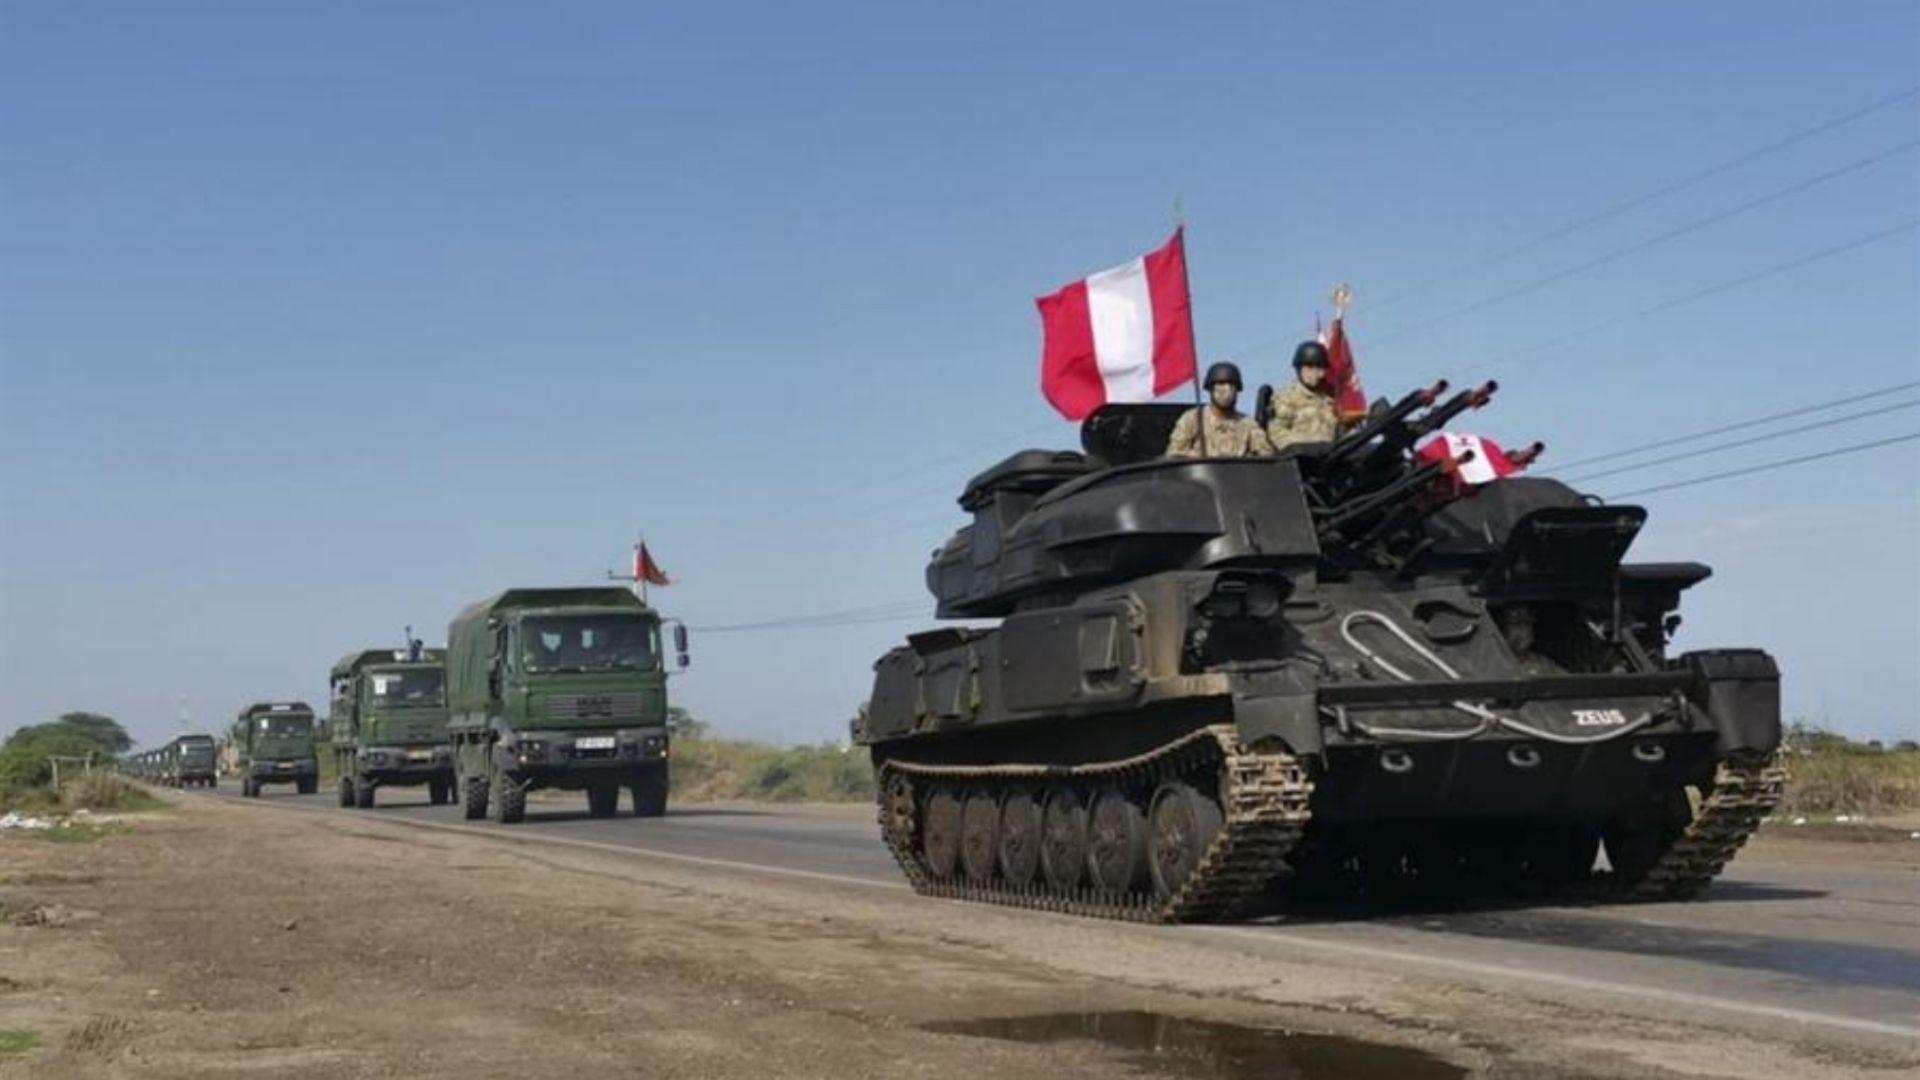 Perú despliega el Ejército en la frontera con Ecuador por inmigración ilegal